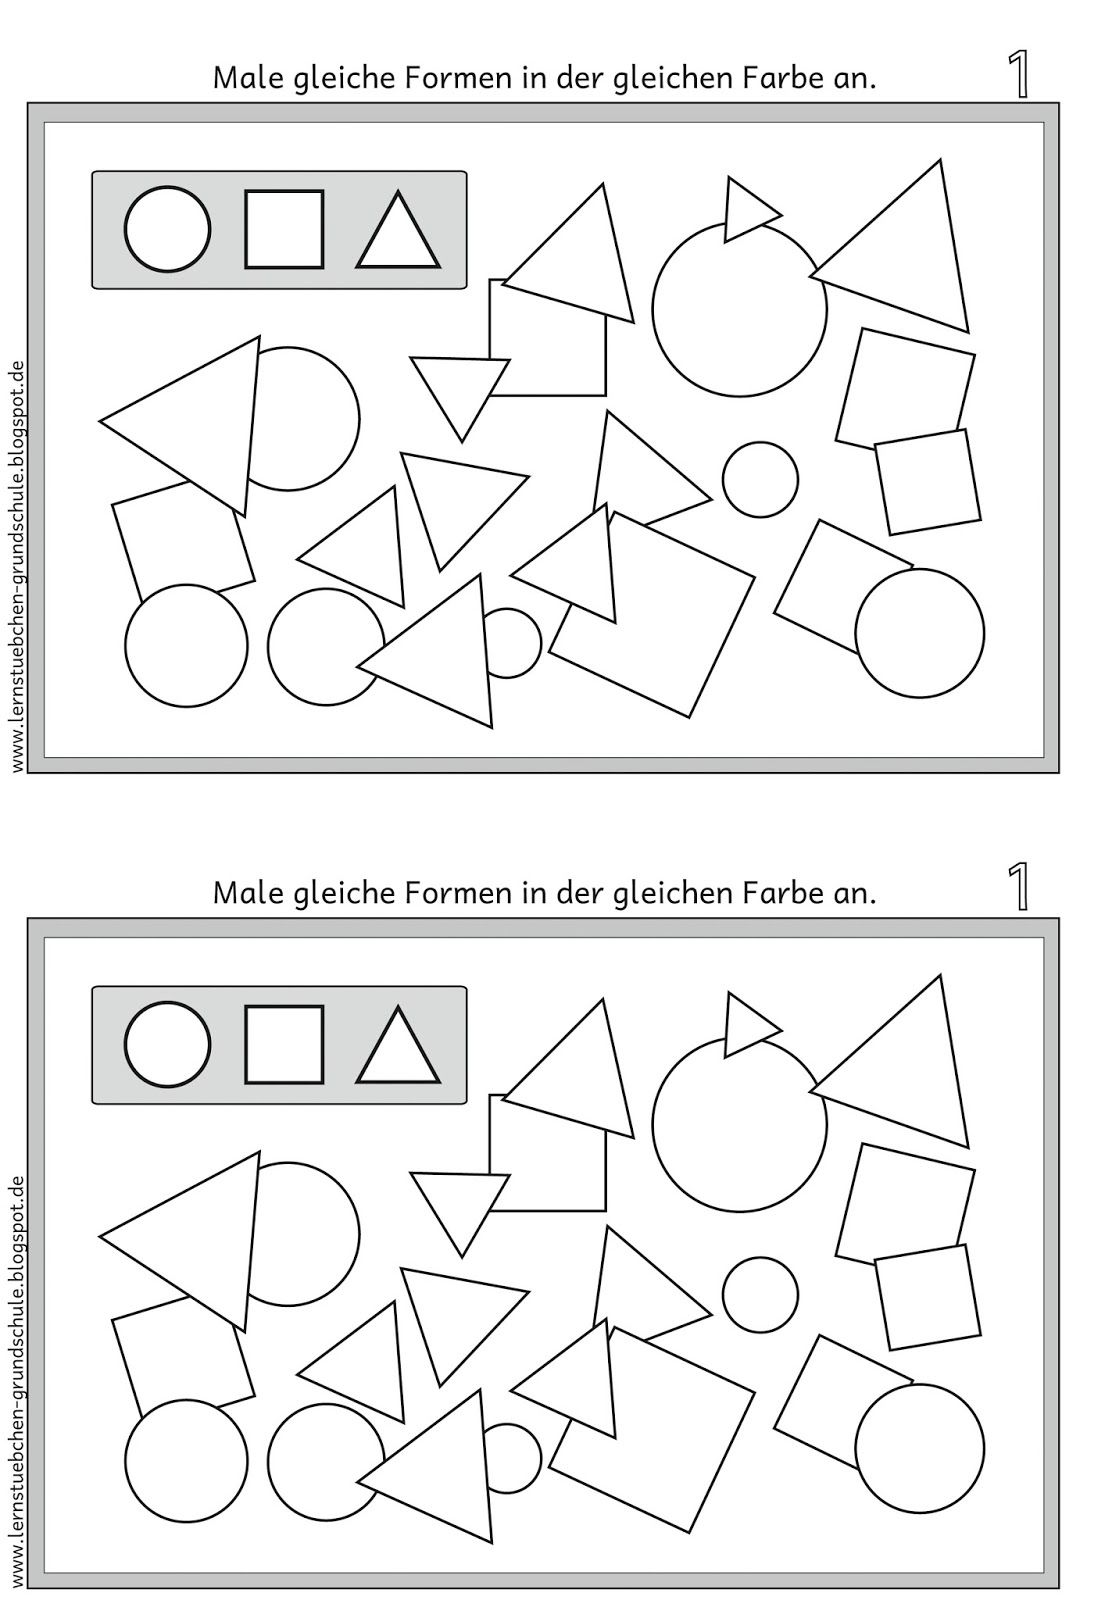 lernst bchen gleiche formen erkennen und gleich anmalen klassenraumgestaltung. Black Bedroom Furniture Sets. Home Design Ideas